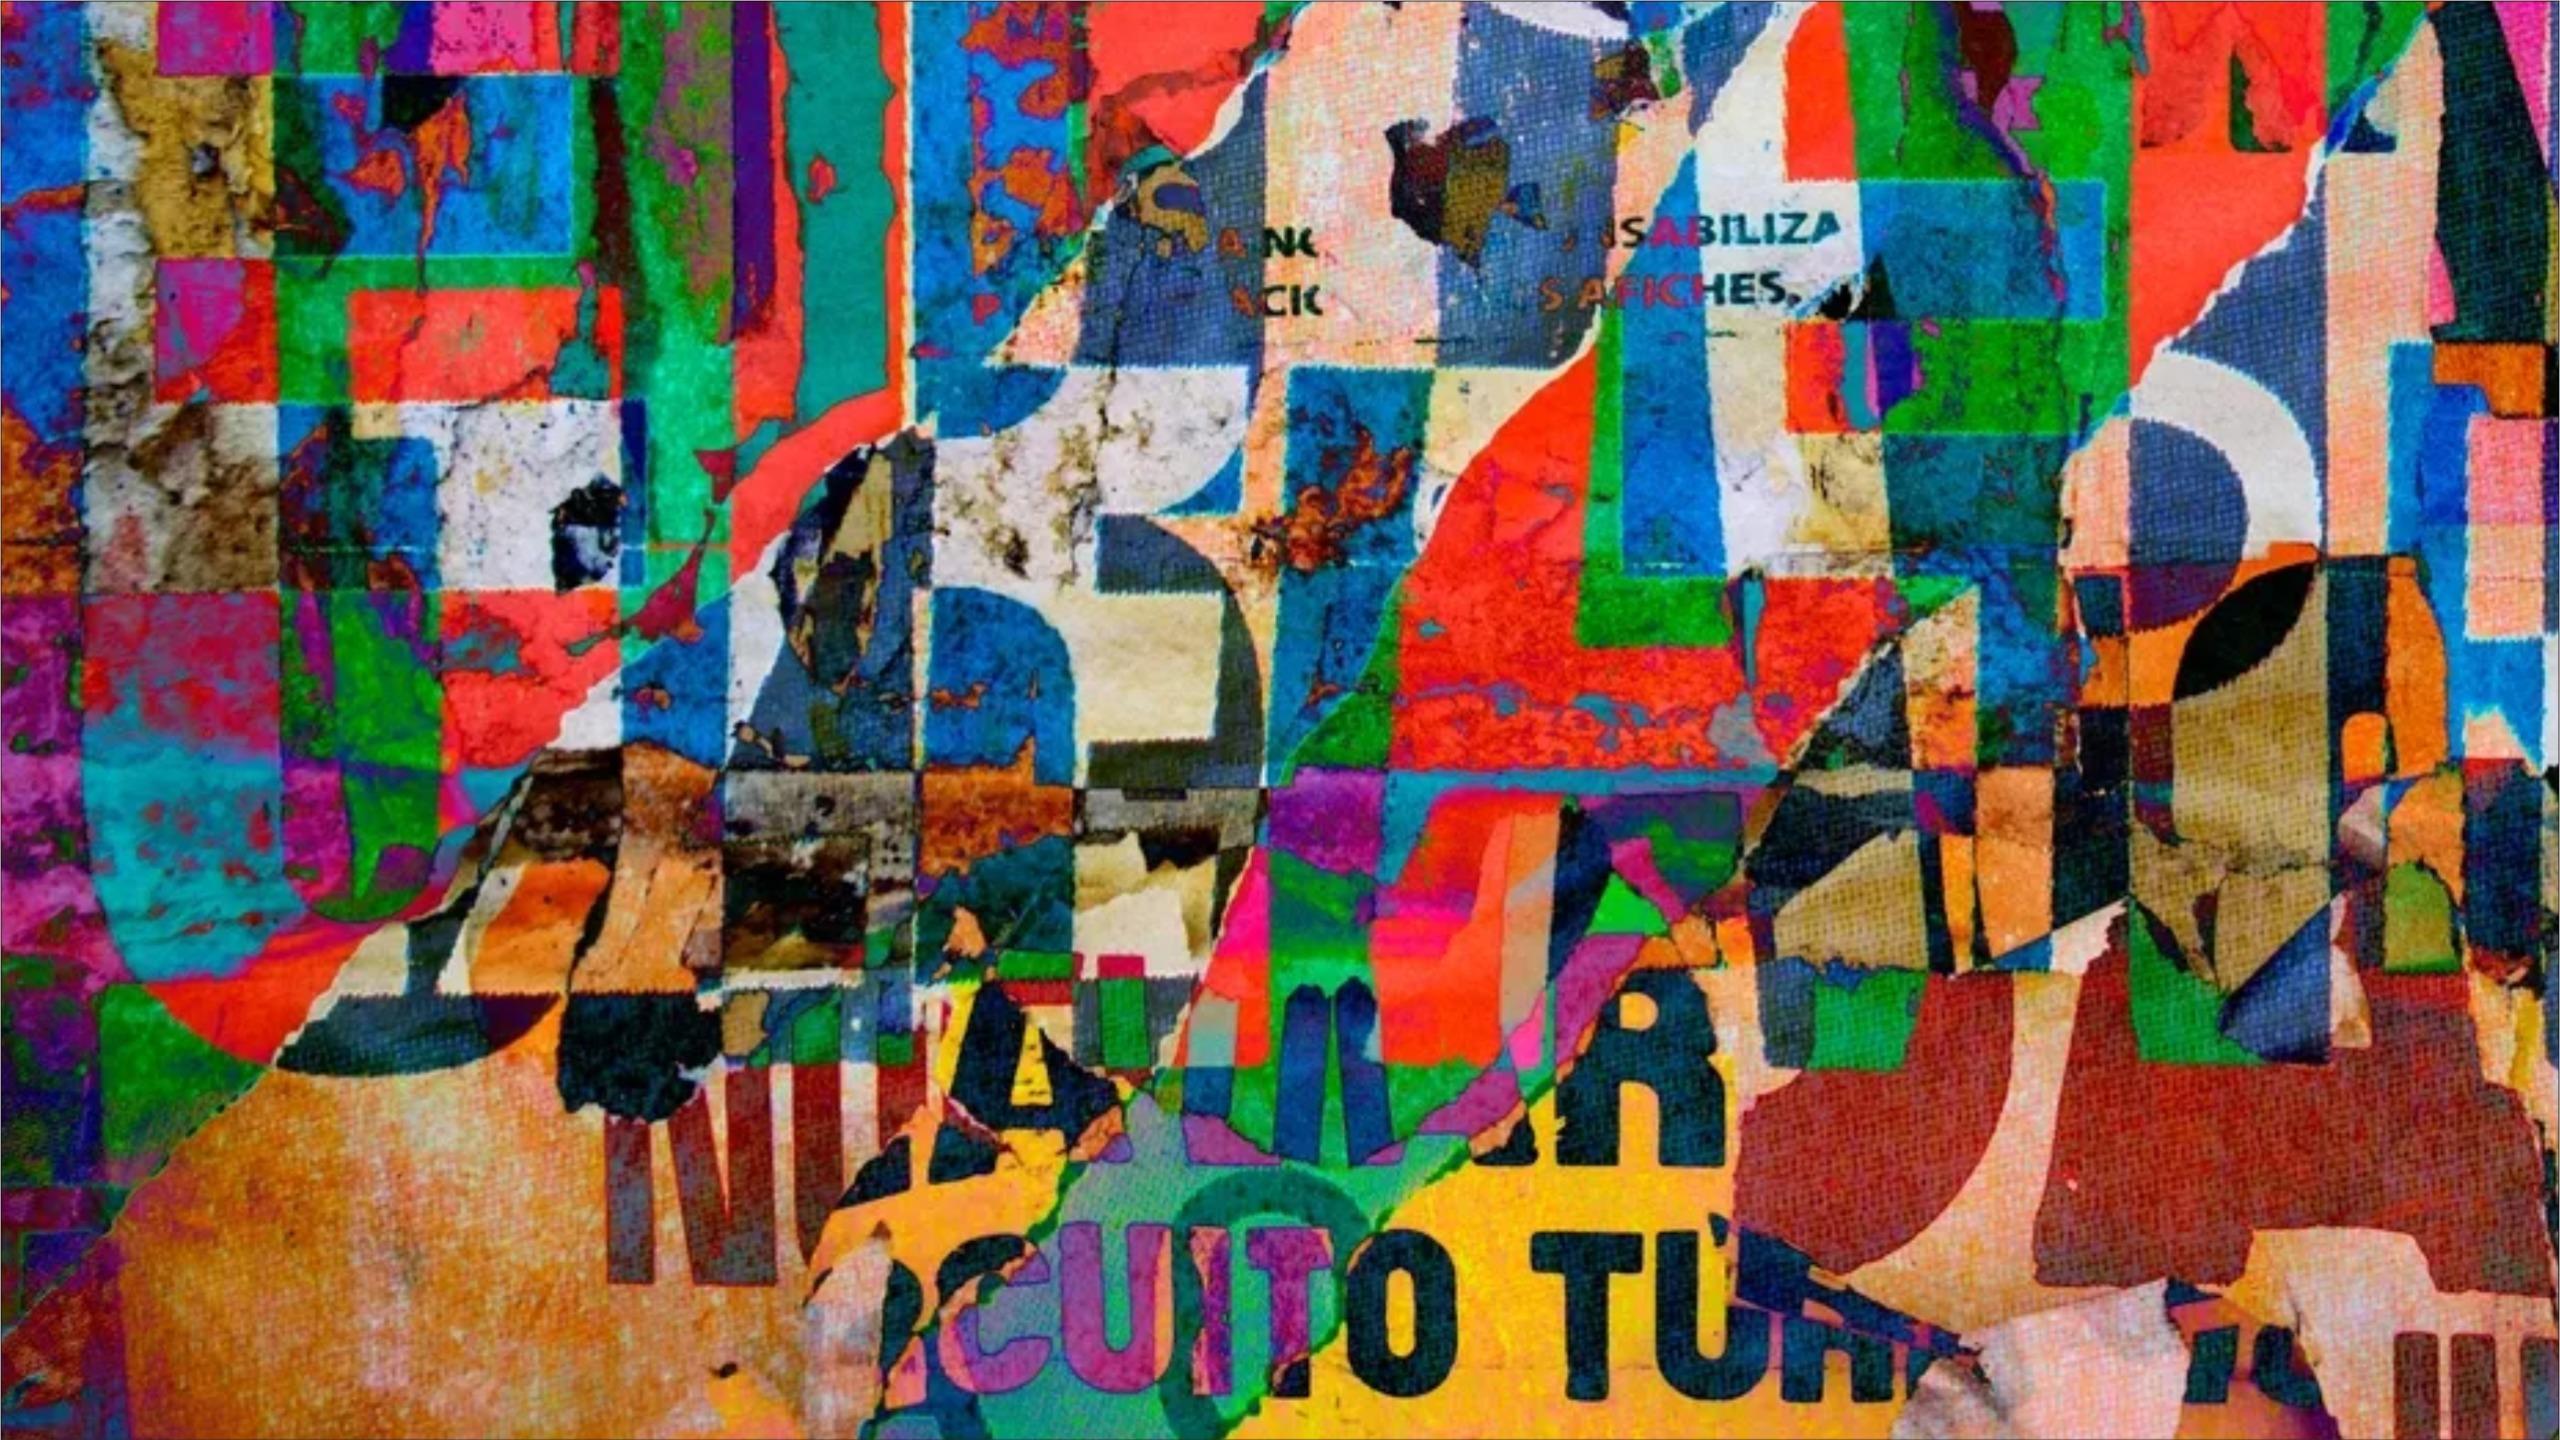 vrtv (@vrtv) Cover Image